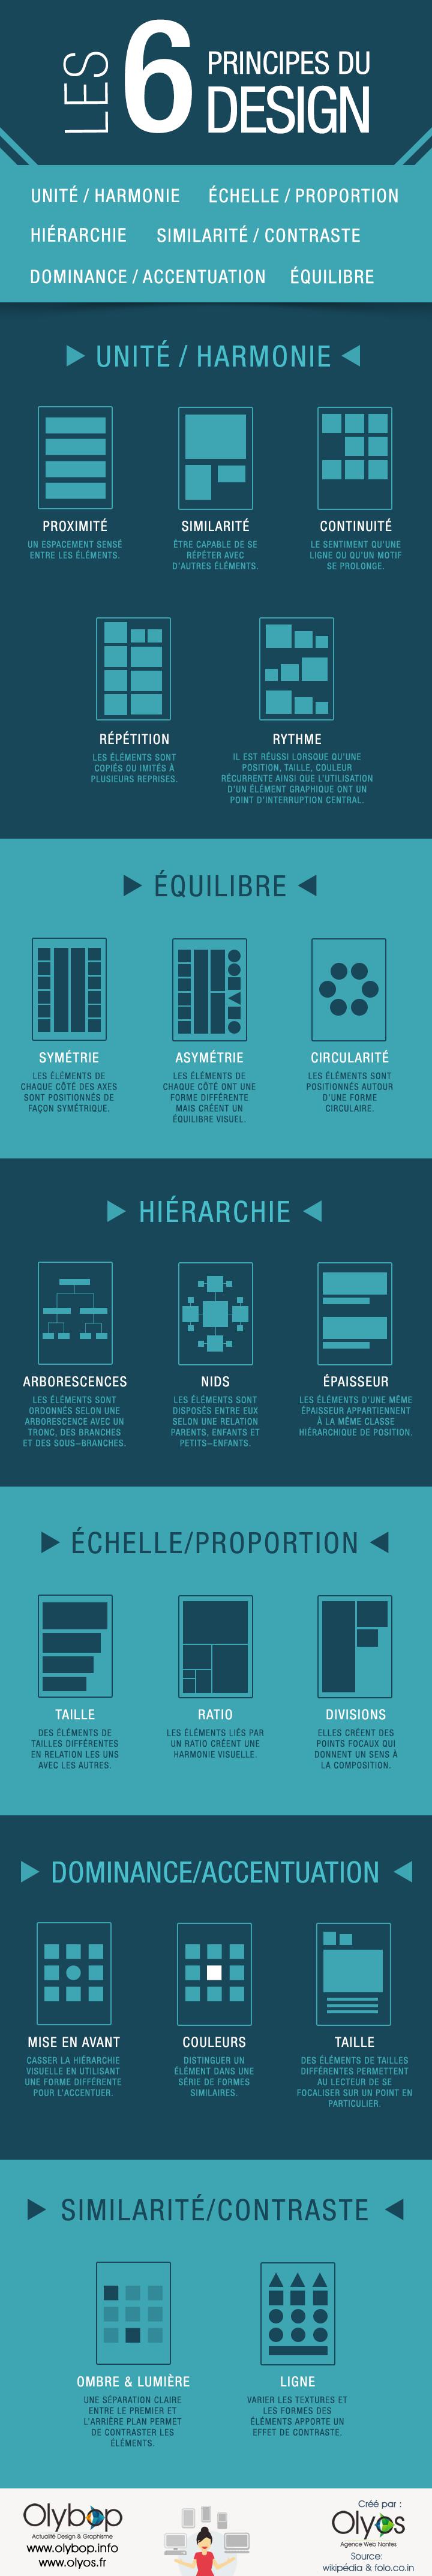 infographie représentant les 6 principes du design